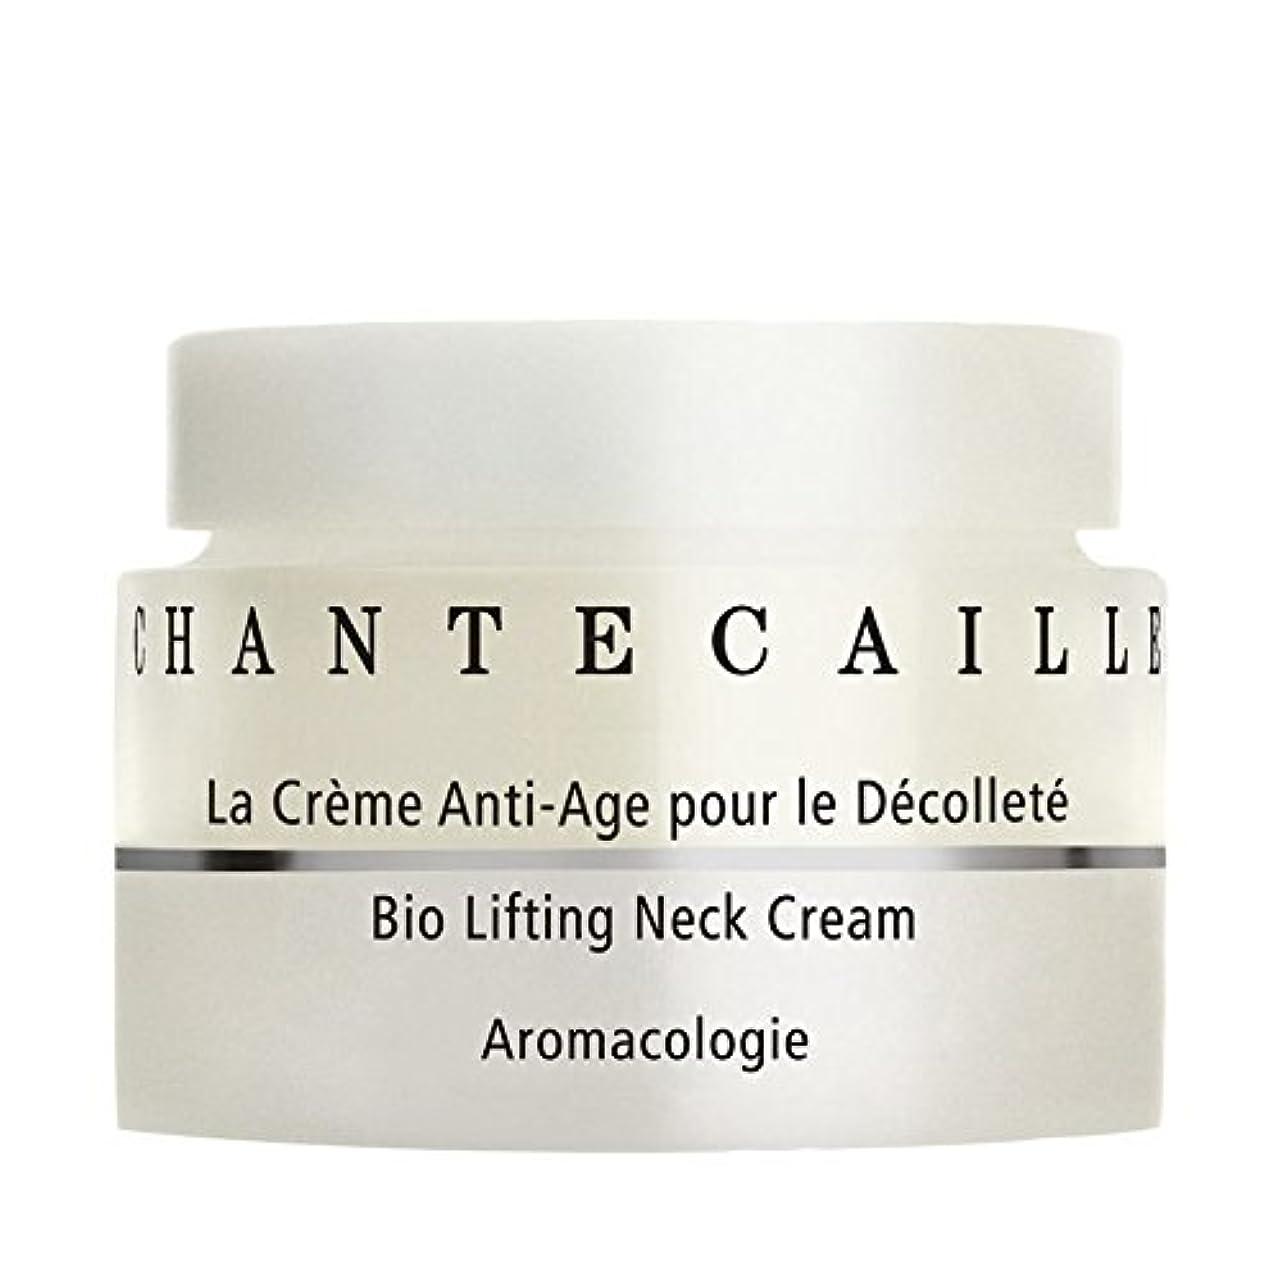 基本的なミキサー選ぶシャンテカイユバイオダイナミックリフティングネッククリーム、シャンテカイユ x4 - Chantecaille Biodynamic Lifting Neck Cream, Chantecaille (Pack of 4) [並行輸入品]